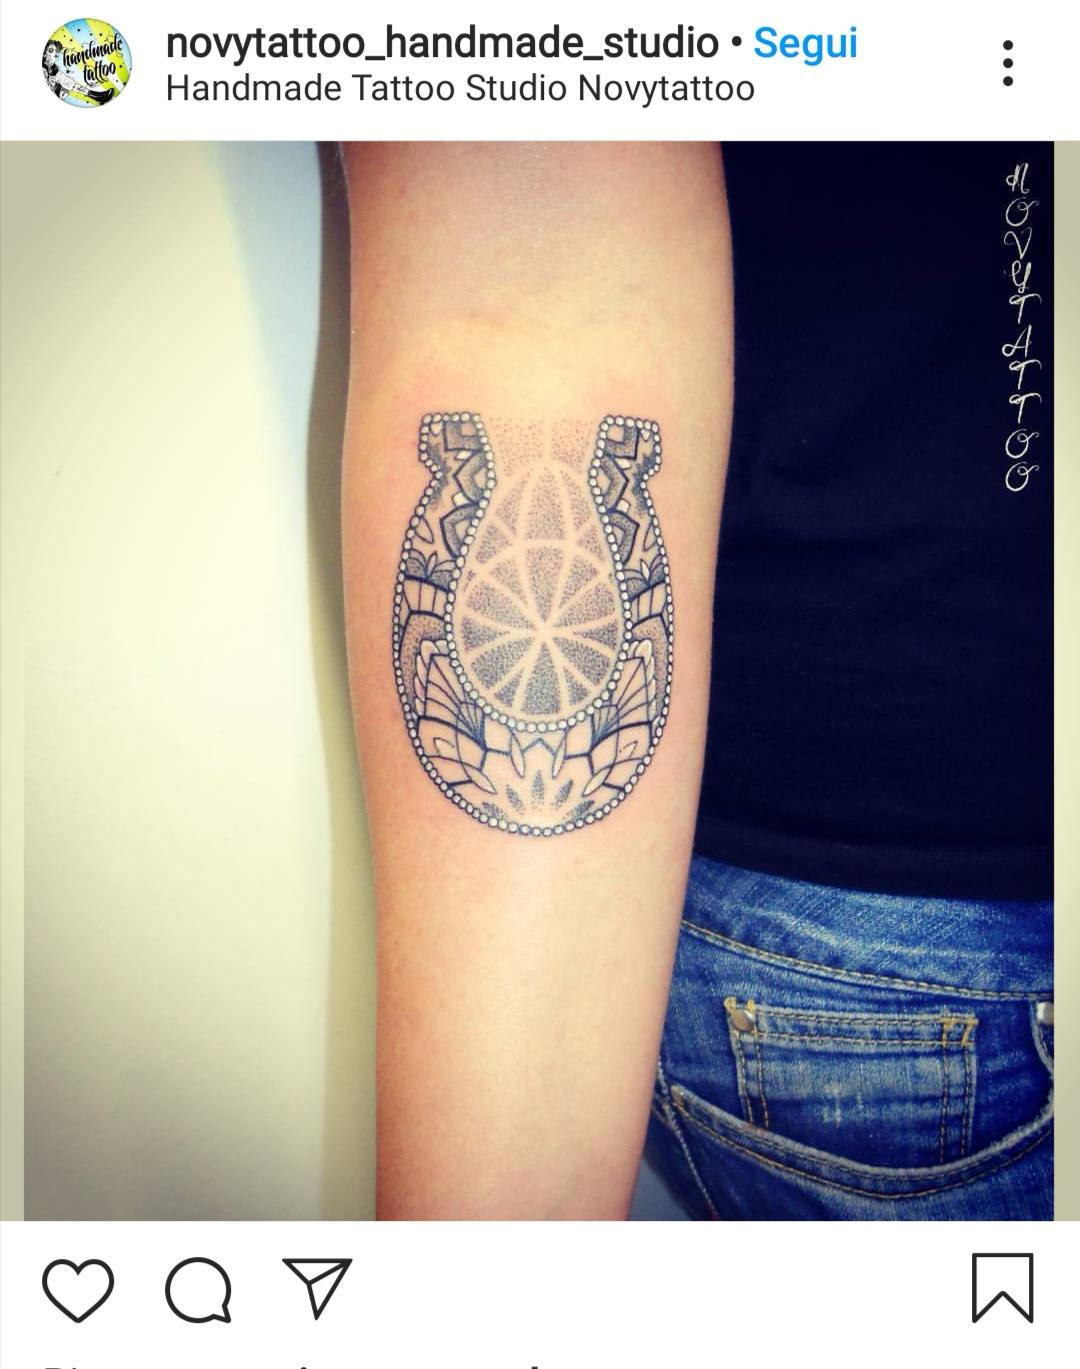 Ferro di cavallo tattoo